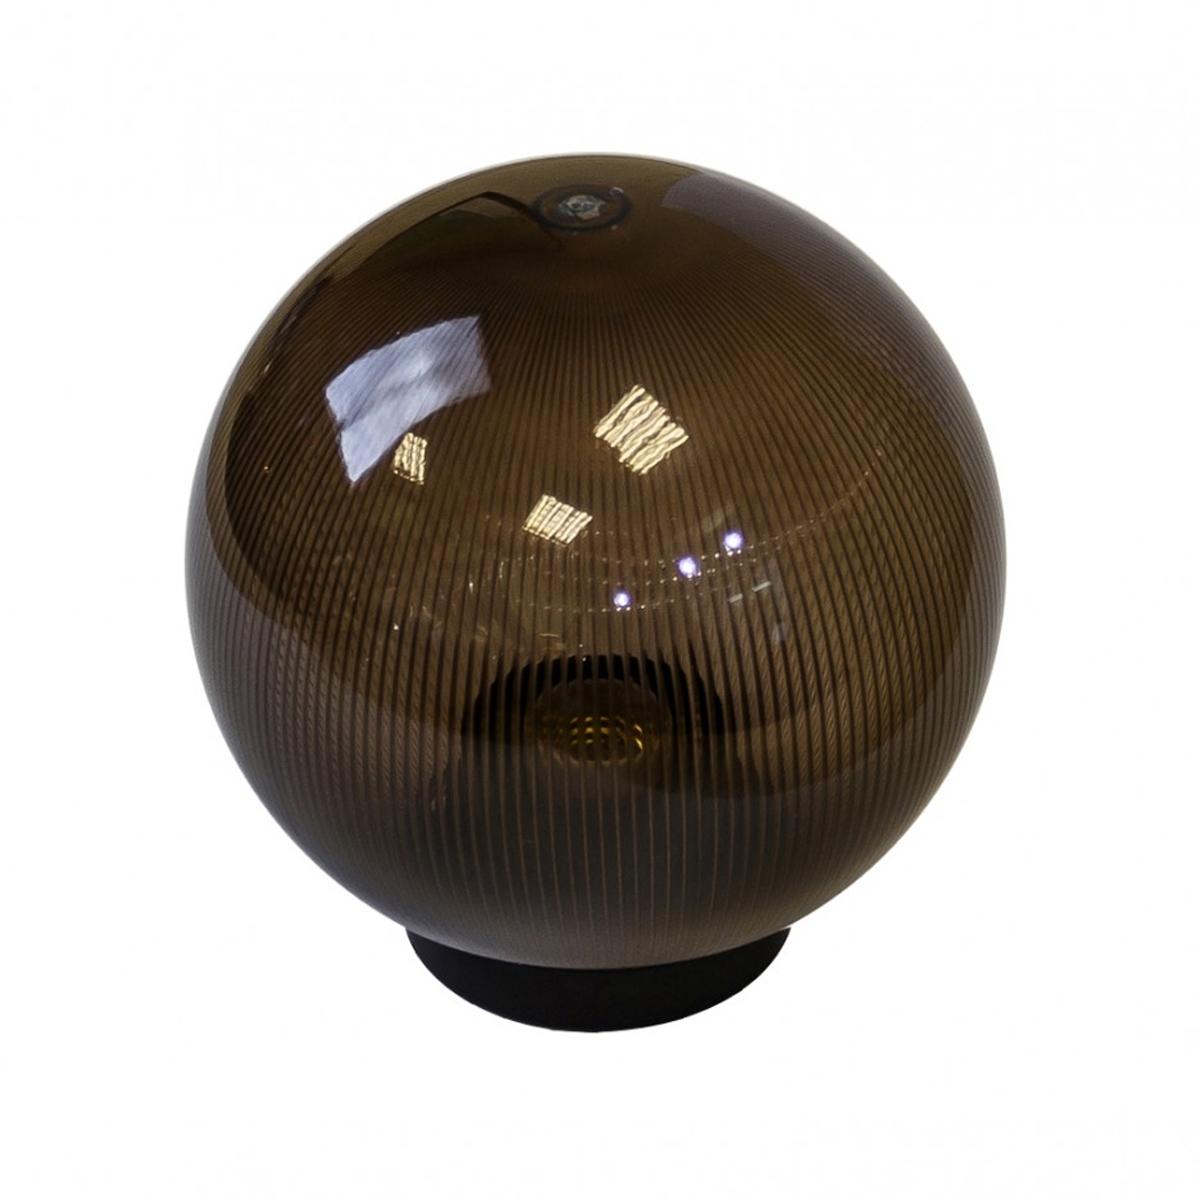 Светильник садово-парковый ЭРА НТУ 02-100-305 шар дымчатый призма d300